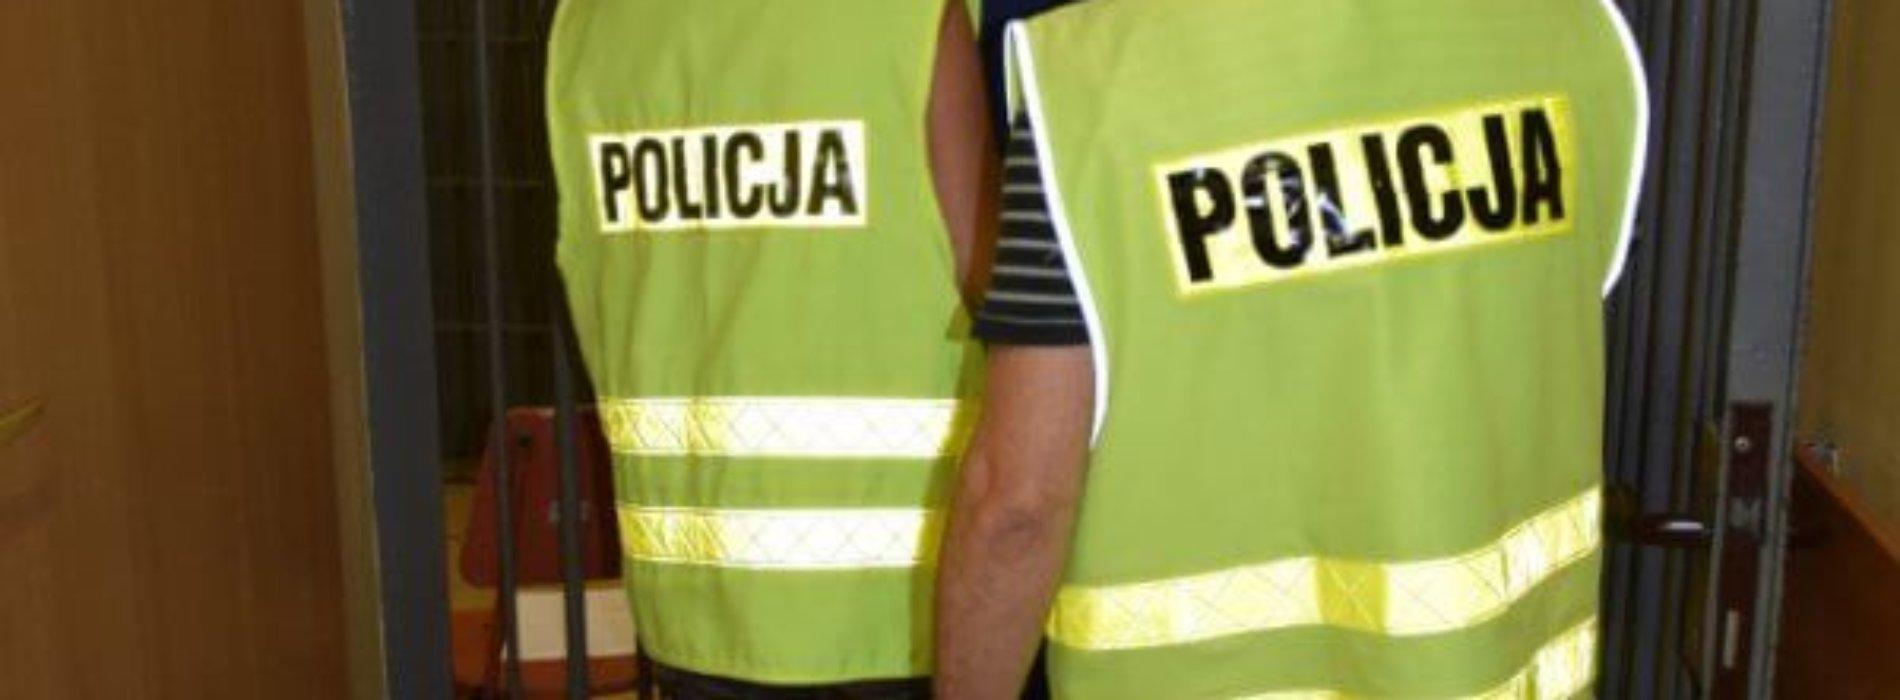 POLICJANCI ZATRZYMALI PODEJRZANEGO O PEDOFILIĘ